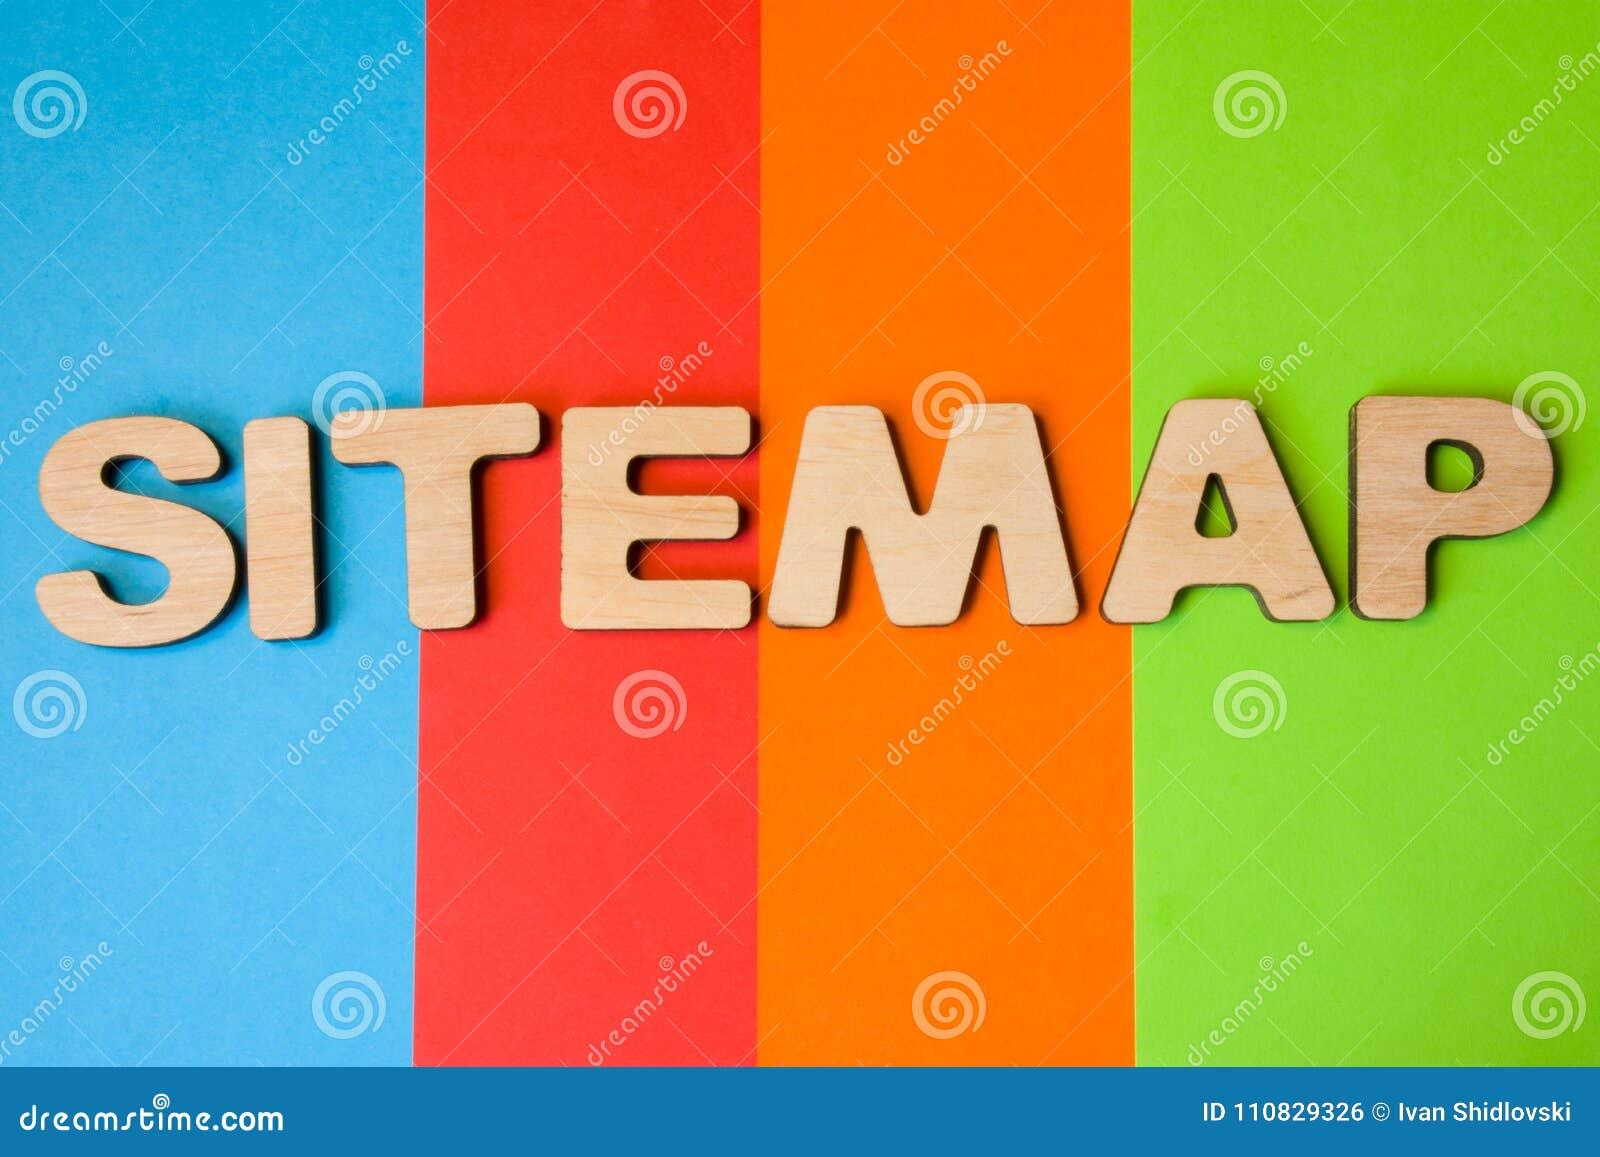 Słowo Sitemap wielcy drewniani listy na barwionym tle 4 koloru: błękit, pomarańcze, czerwień i zieleń, Pojęcia sitemap jak listę